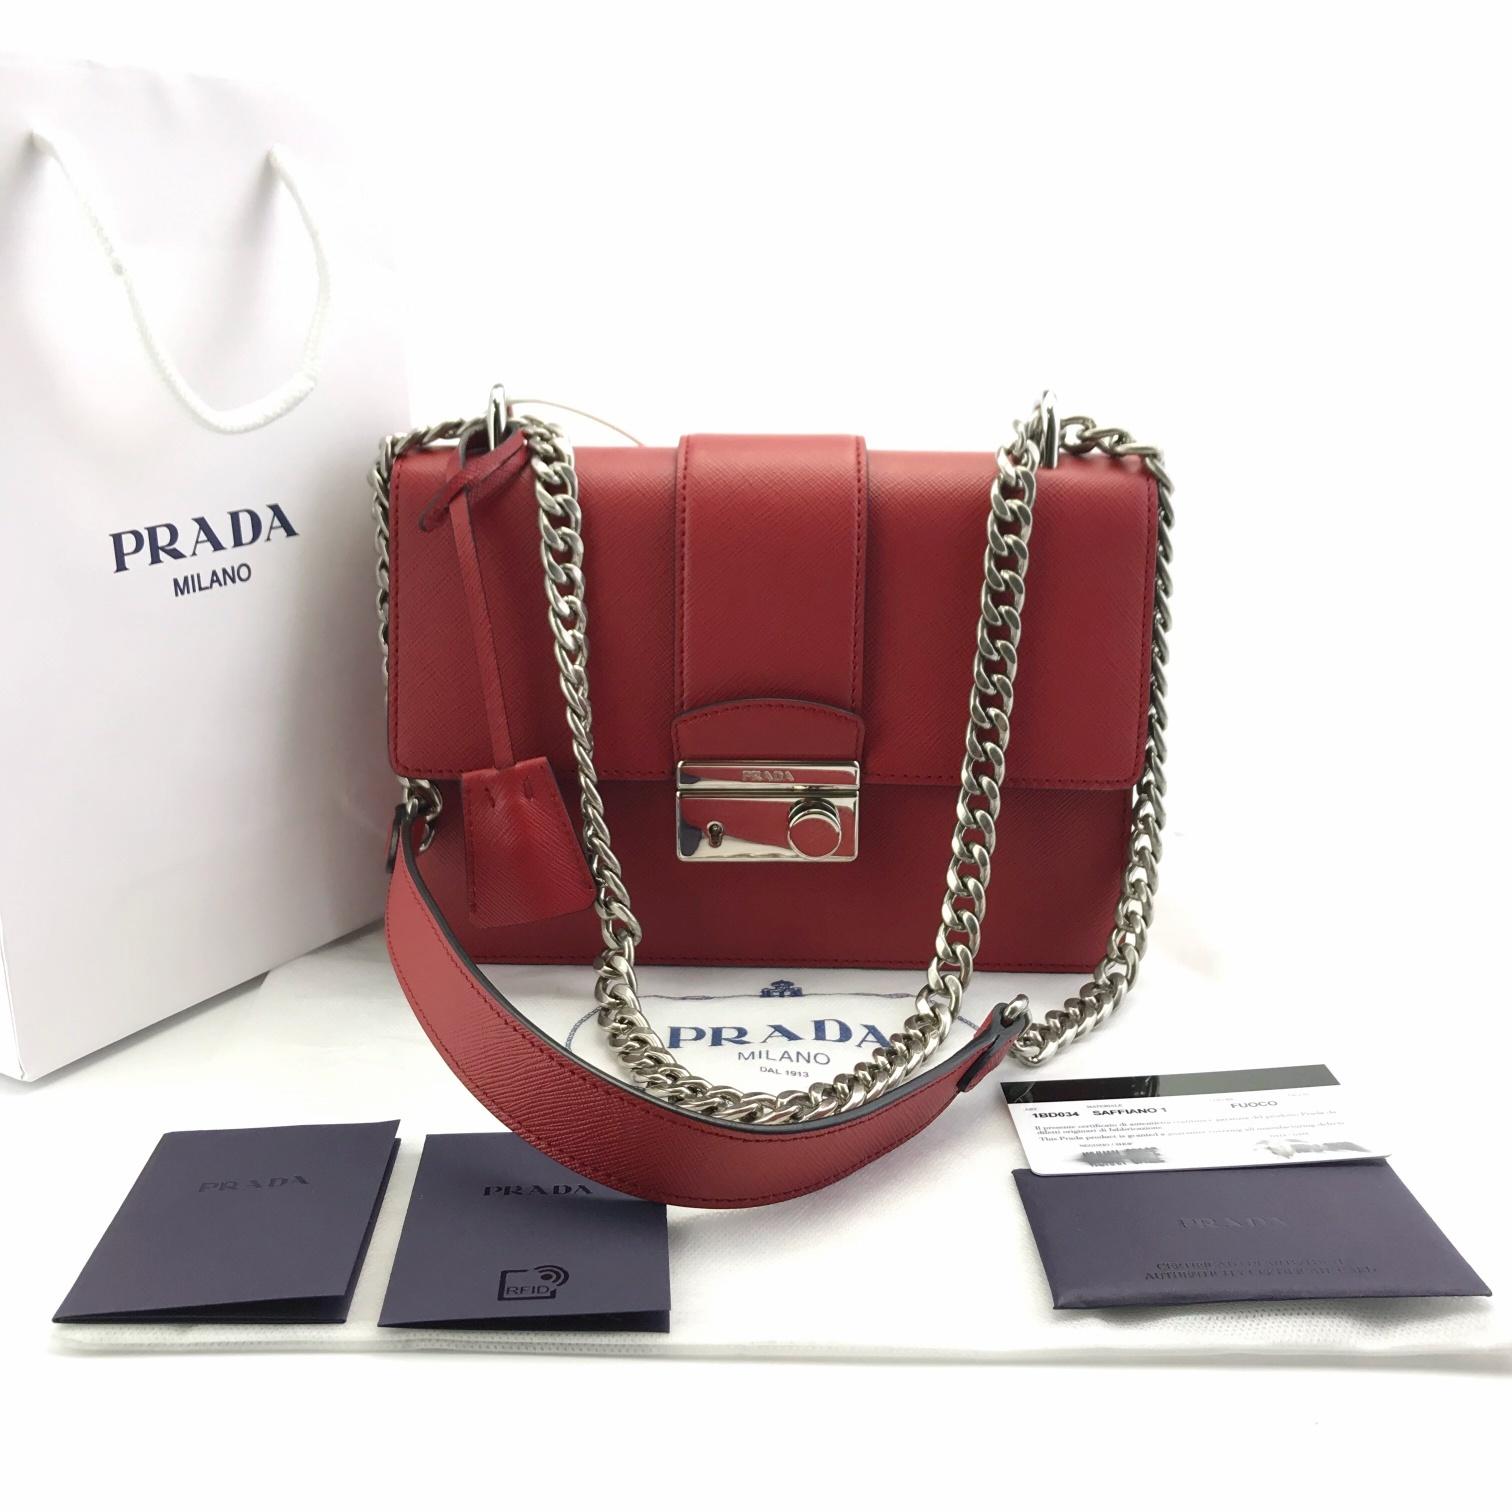 全全新套PRADA最新斜挎手提小方包 中国红 小牛皮,十字纹质感细腻而不失造型,内部大开间,配搭拉链口袋